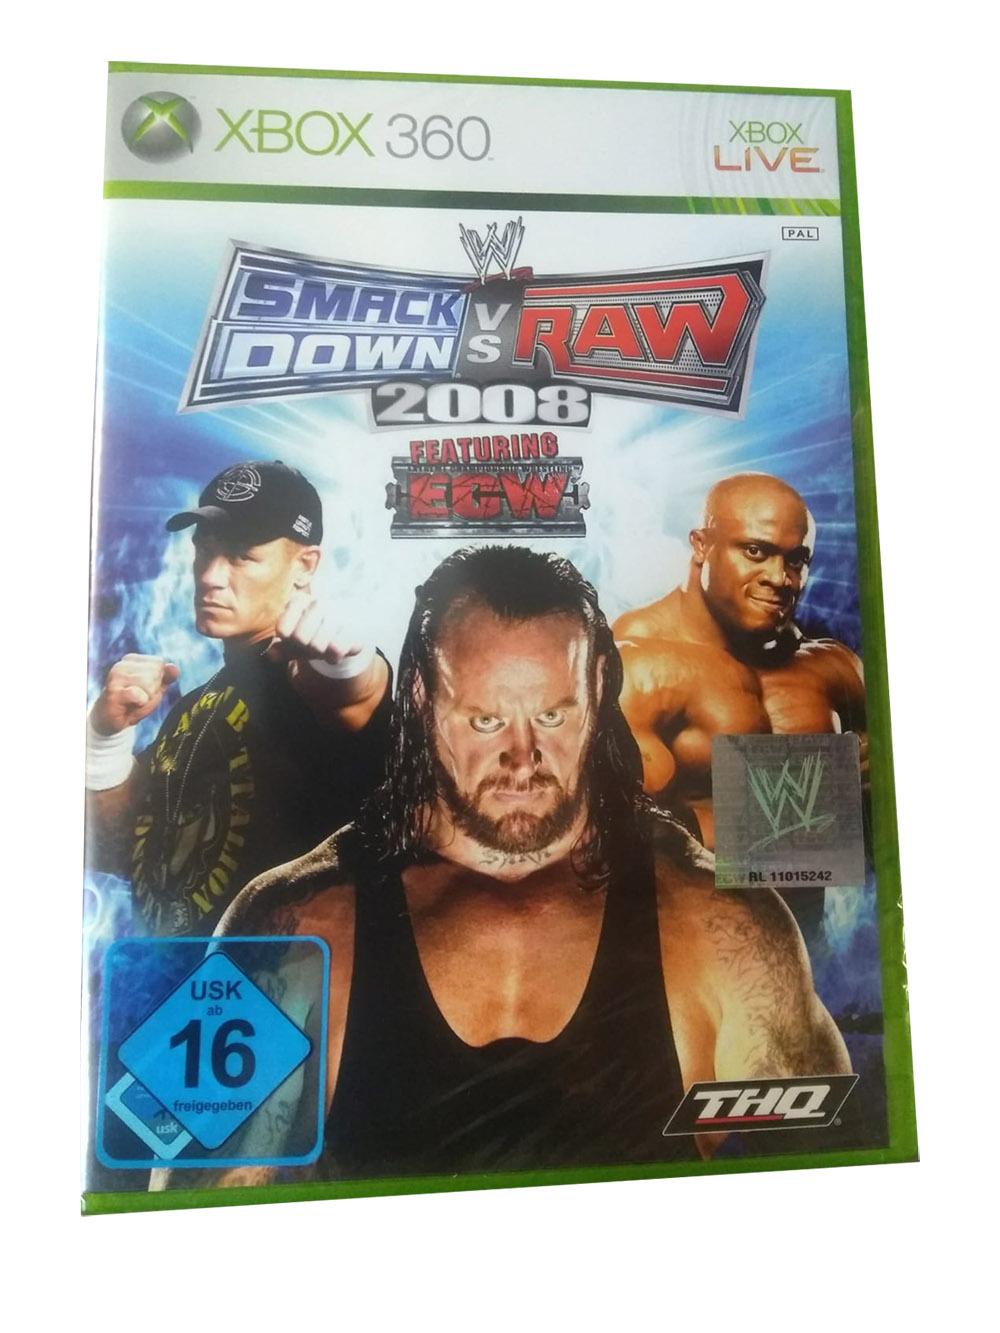 WWE Smack Down vs RAW 2008 feat. ECW für Xbox360